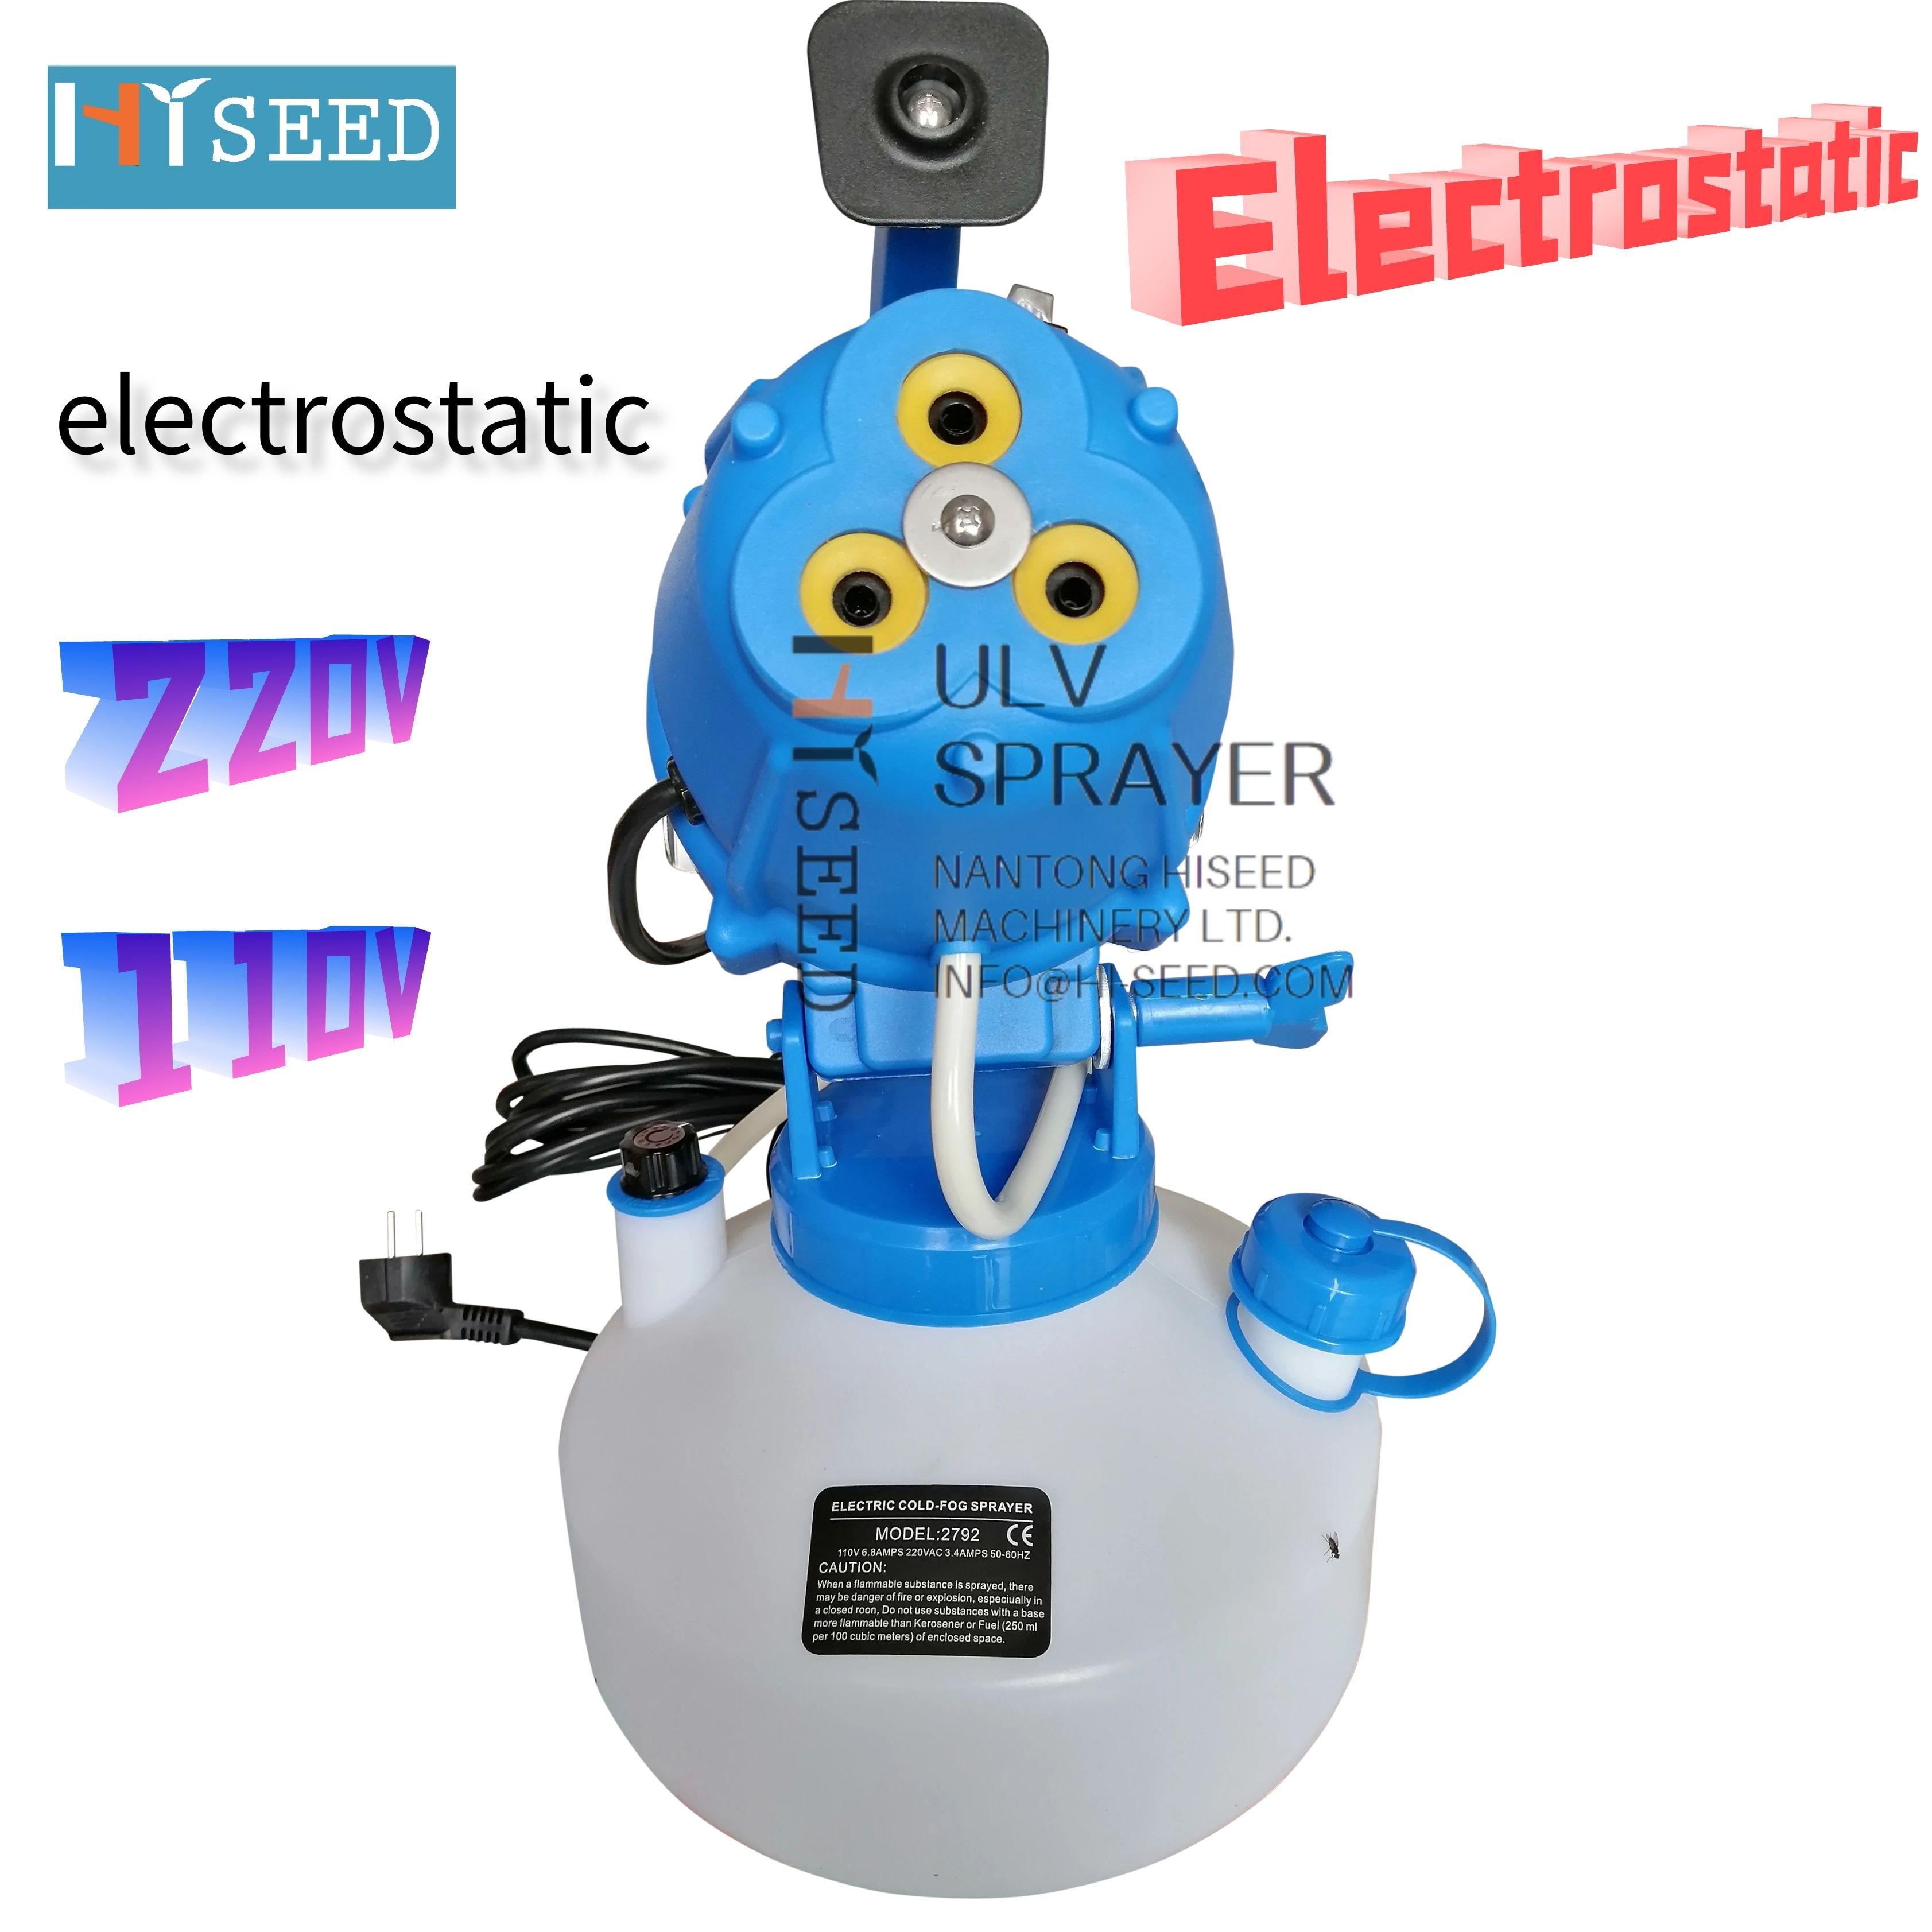 Máquina electrostática para desinfección, nebulizadora eléctrica, desinfectante